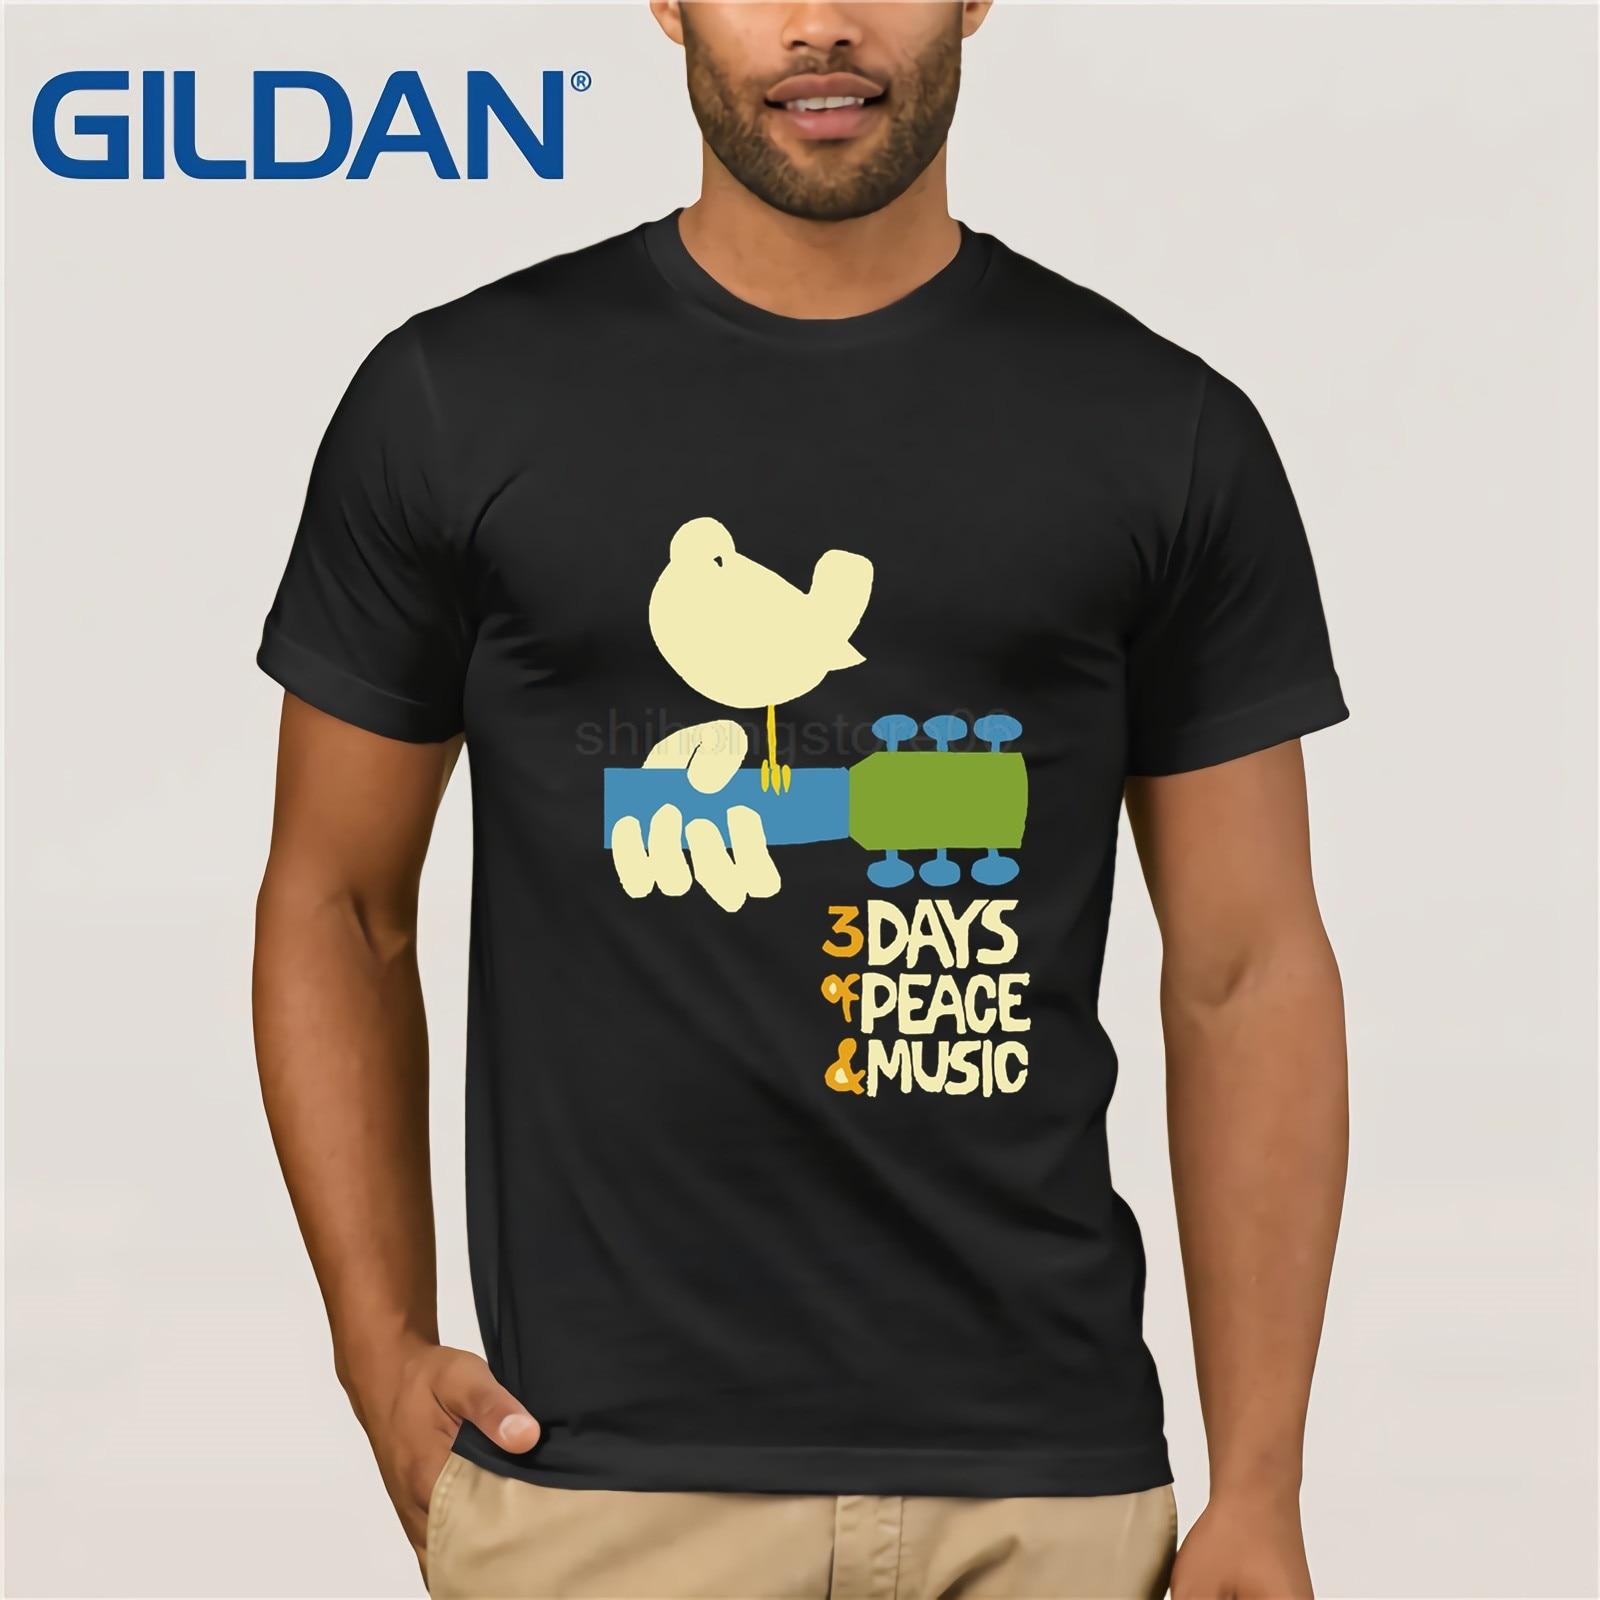 GILDAN Woodstock   T     Shirt